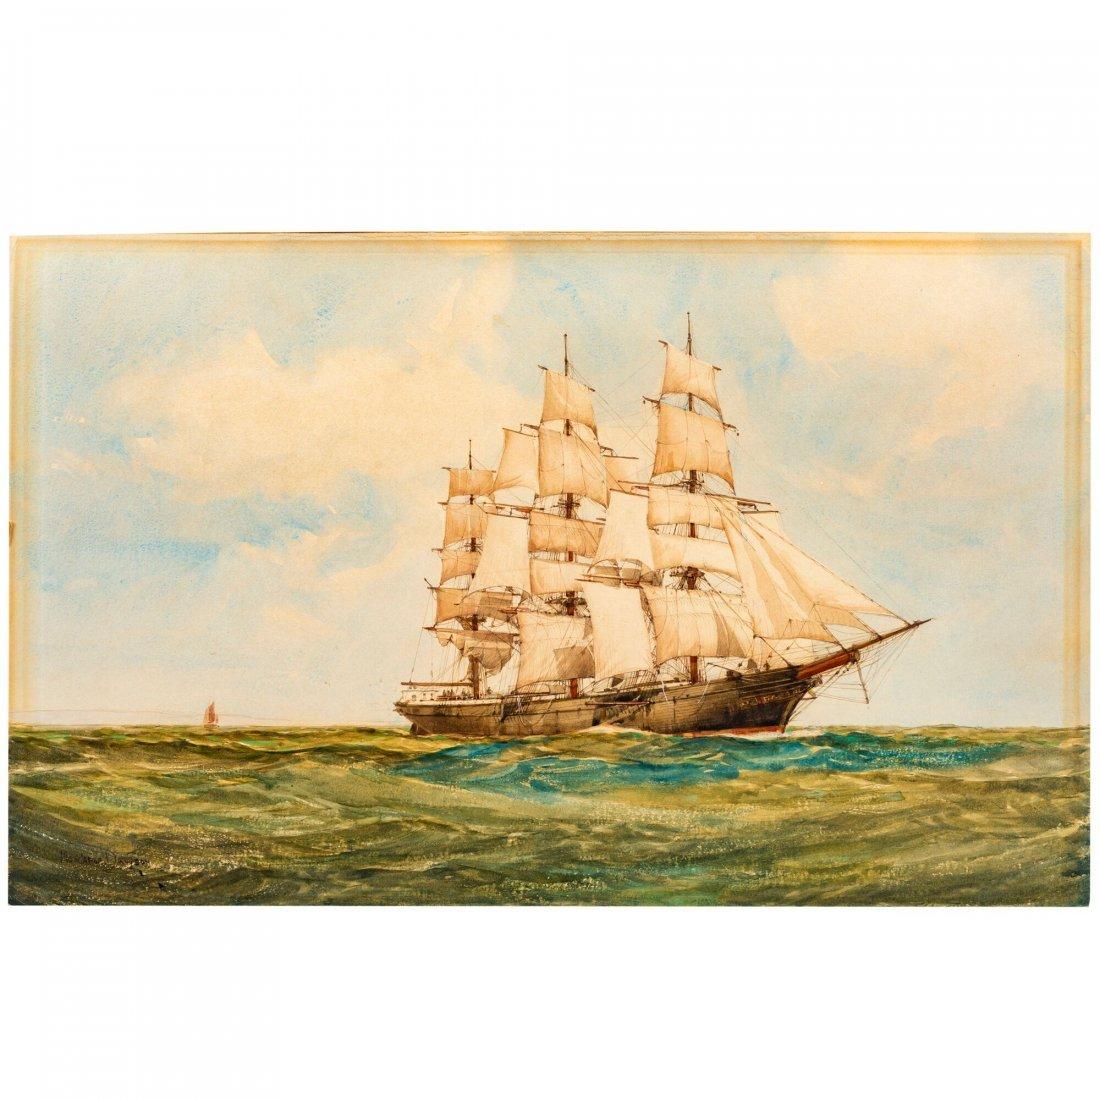 Montague J. Dawson (1895-1973), Fine Painting